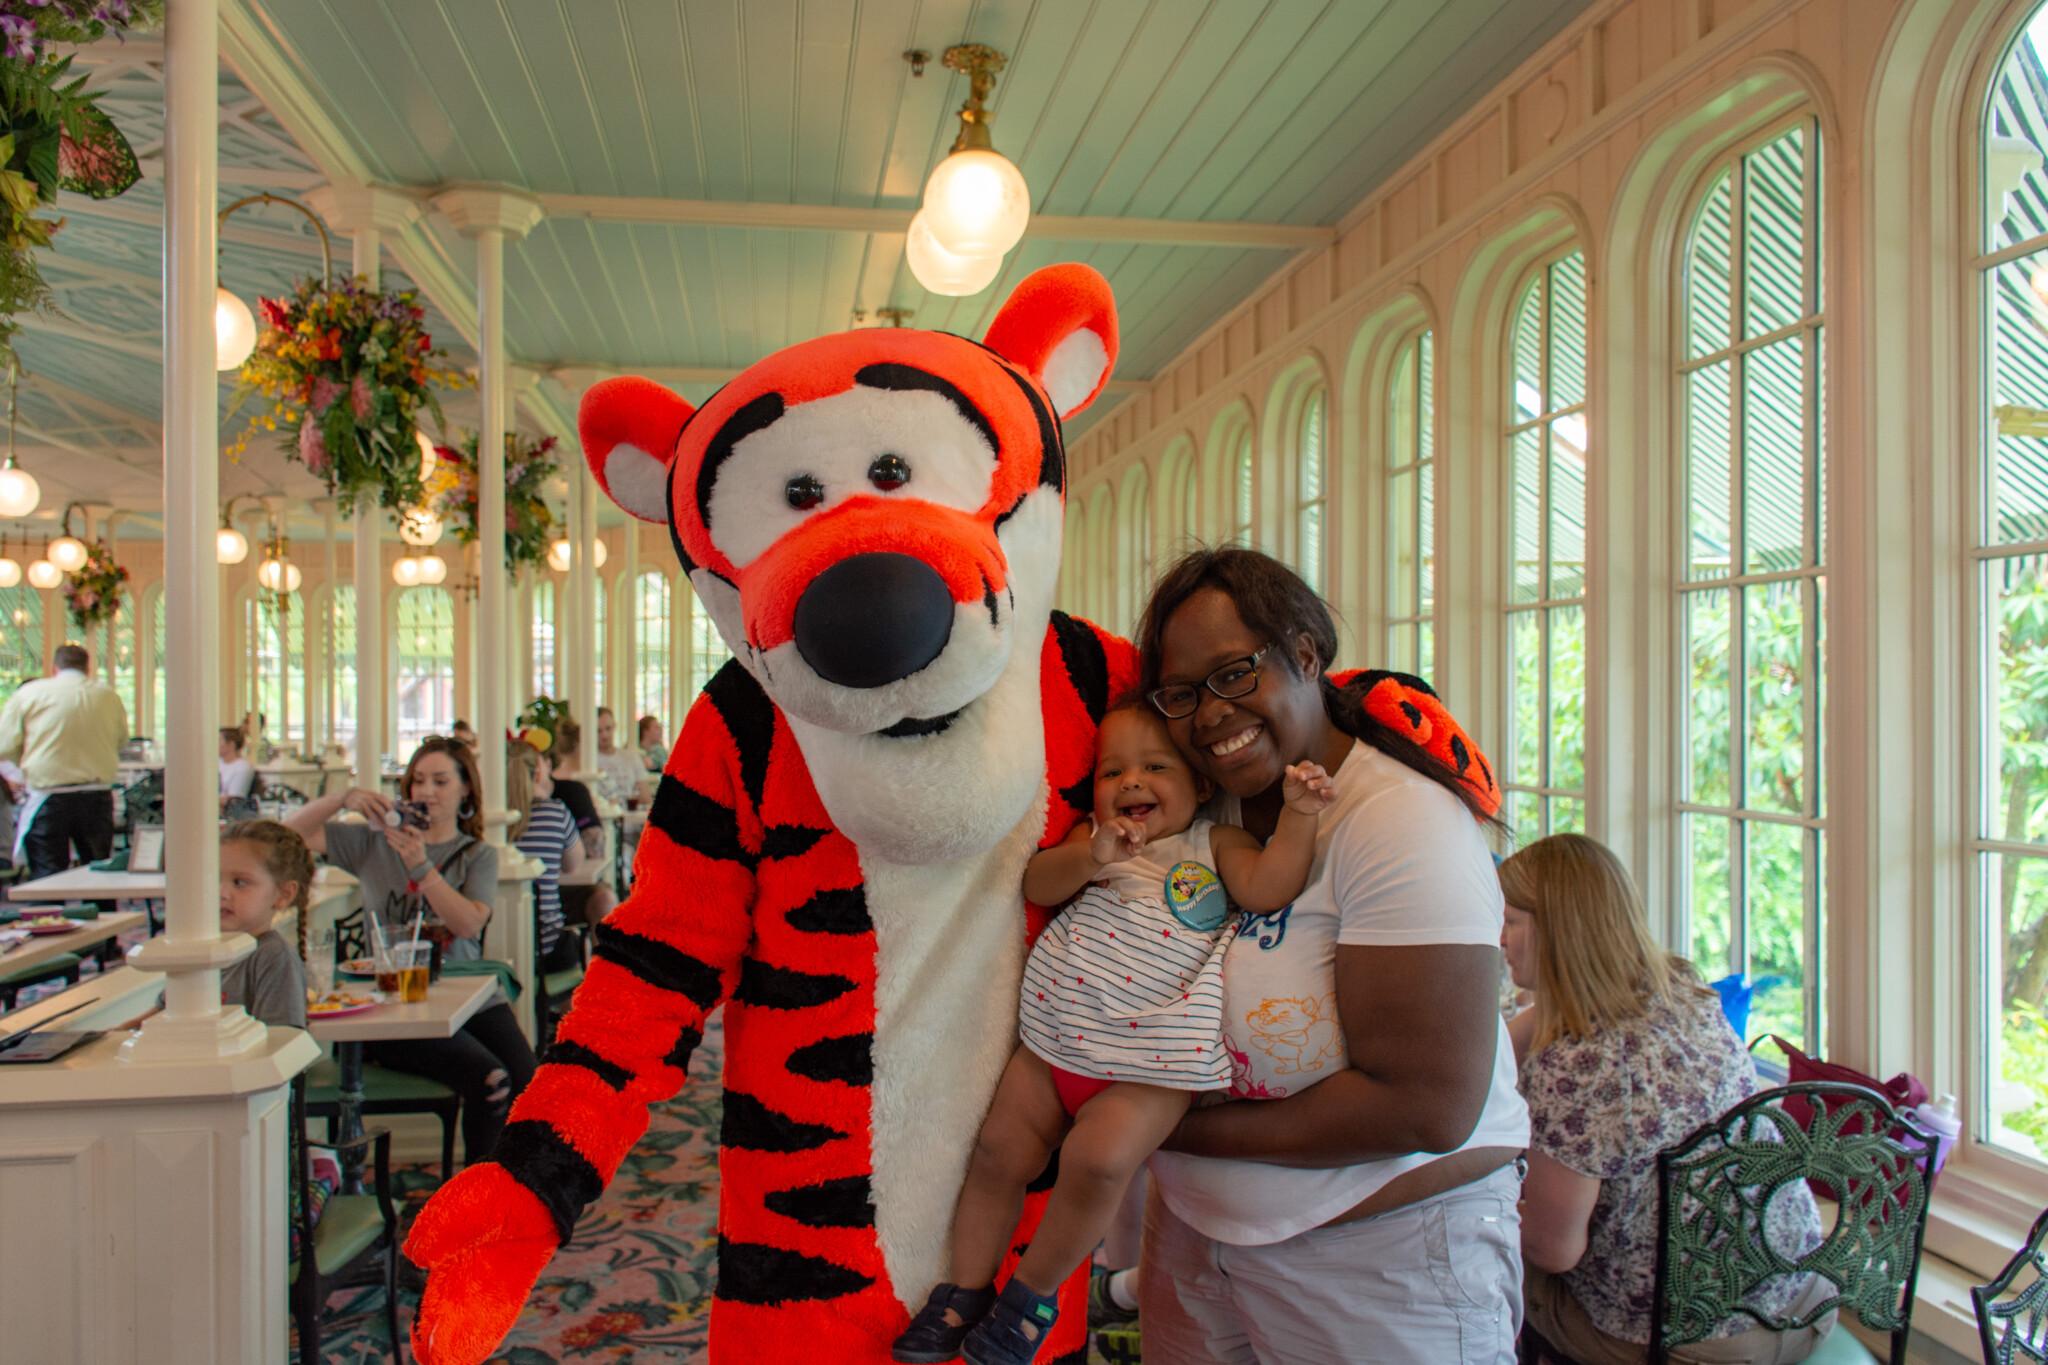 2 semaines en Floride avec un bébé de 1 an - Séjour du 2 au 16 mai 2019 DCL + WDW - Page 15 DSC_7982-2048x1365